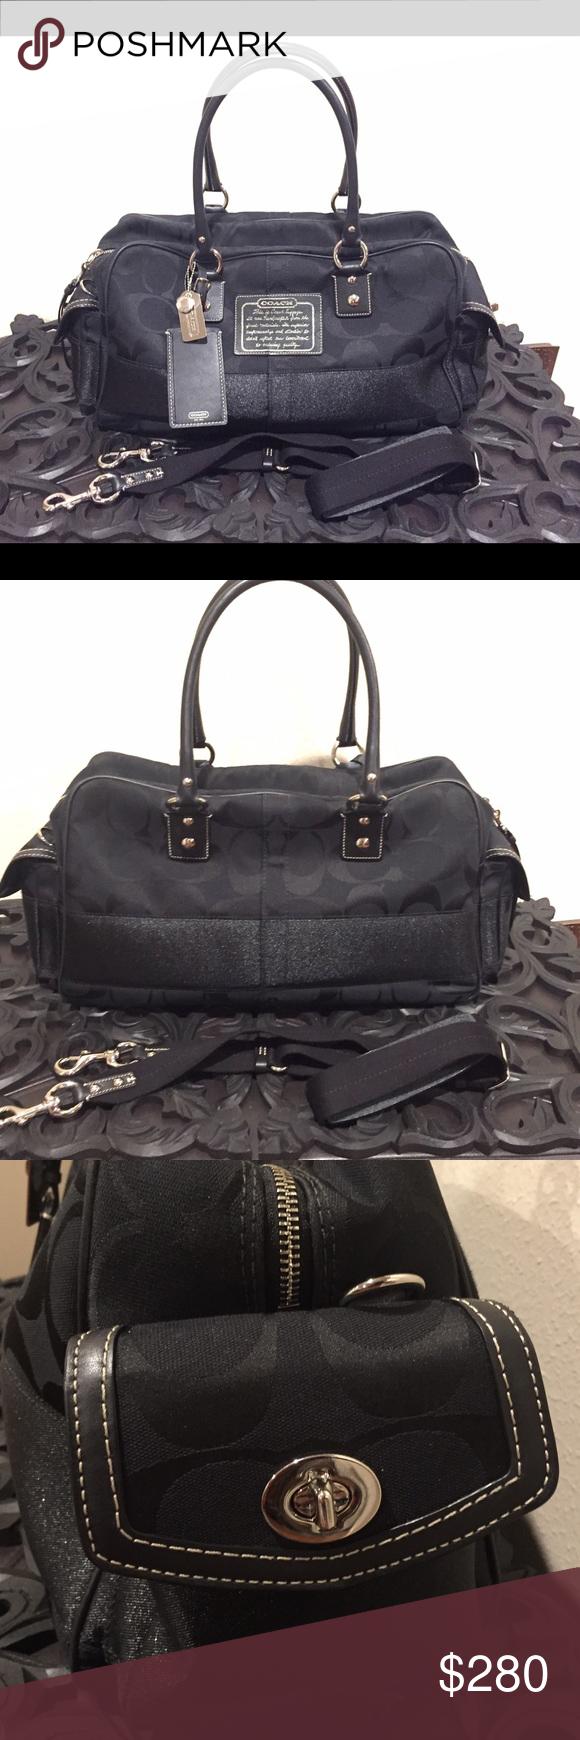 de1b906c1b Authentic beautiful COACH travel duffle bag AUTHENTIC BEAUTIFUL COACH  SIGNATURE LARGE TRAVEL DUFFLE BAG - IN